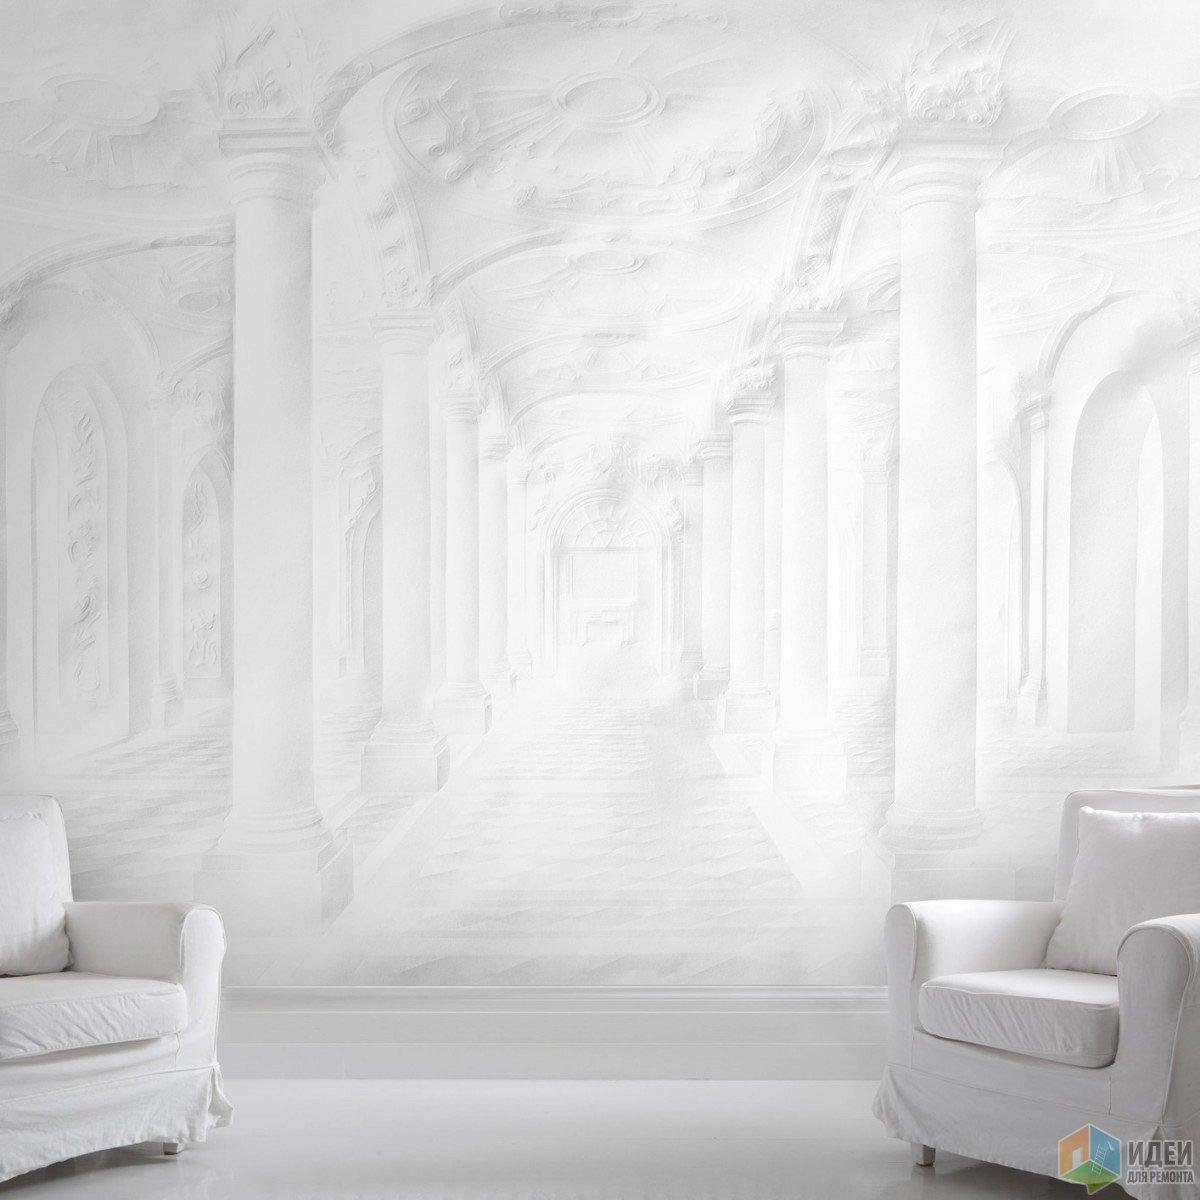 Бумажный дворец: крупноформатные обои